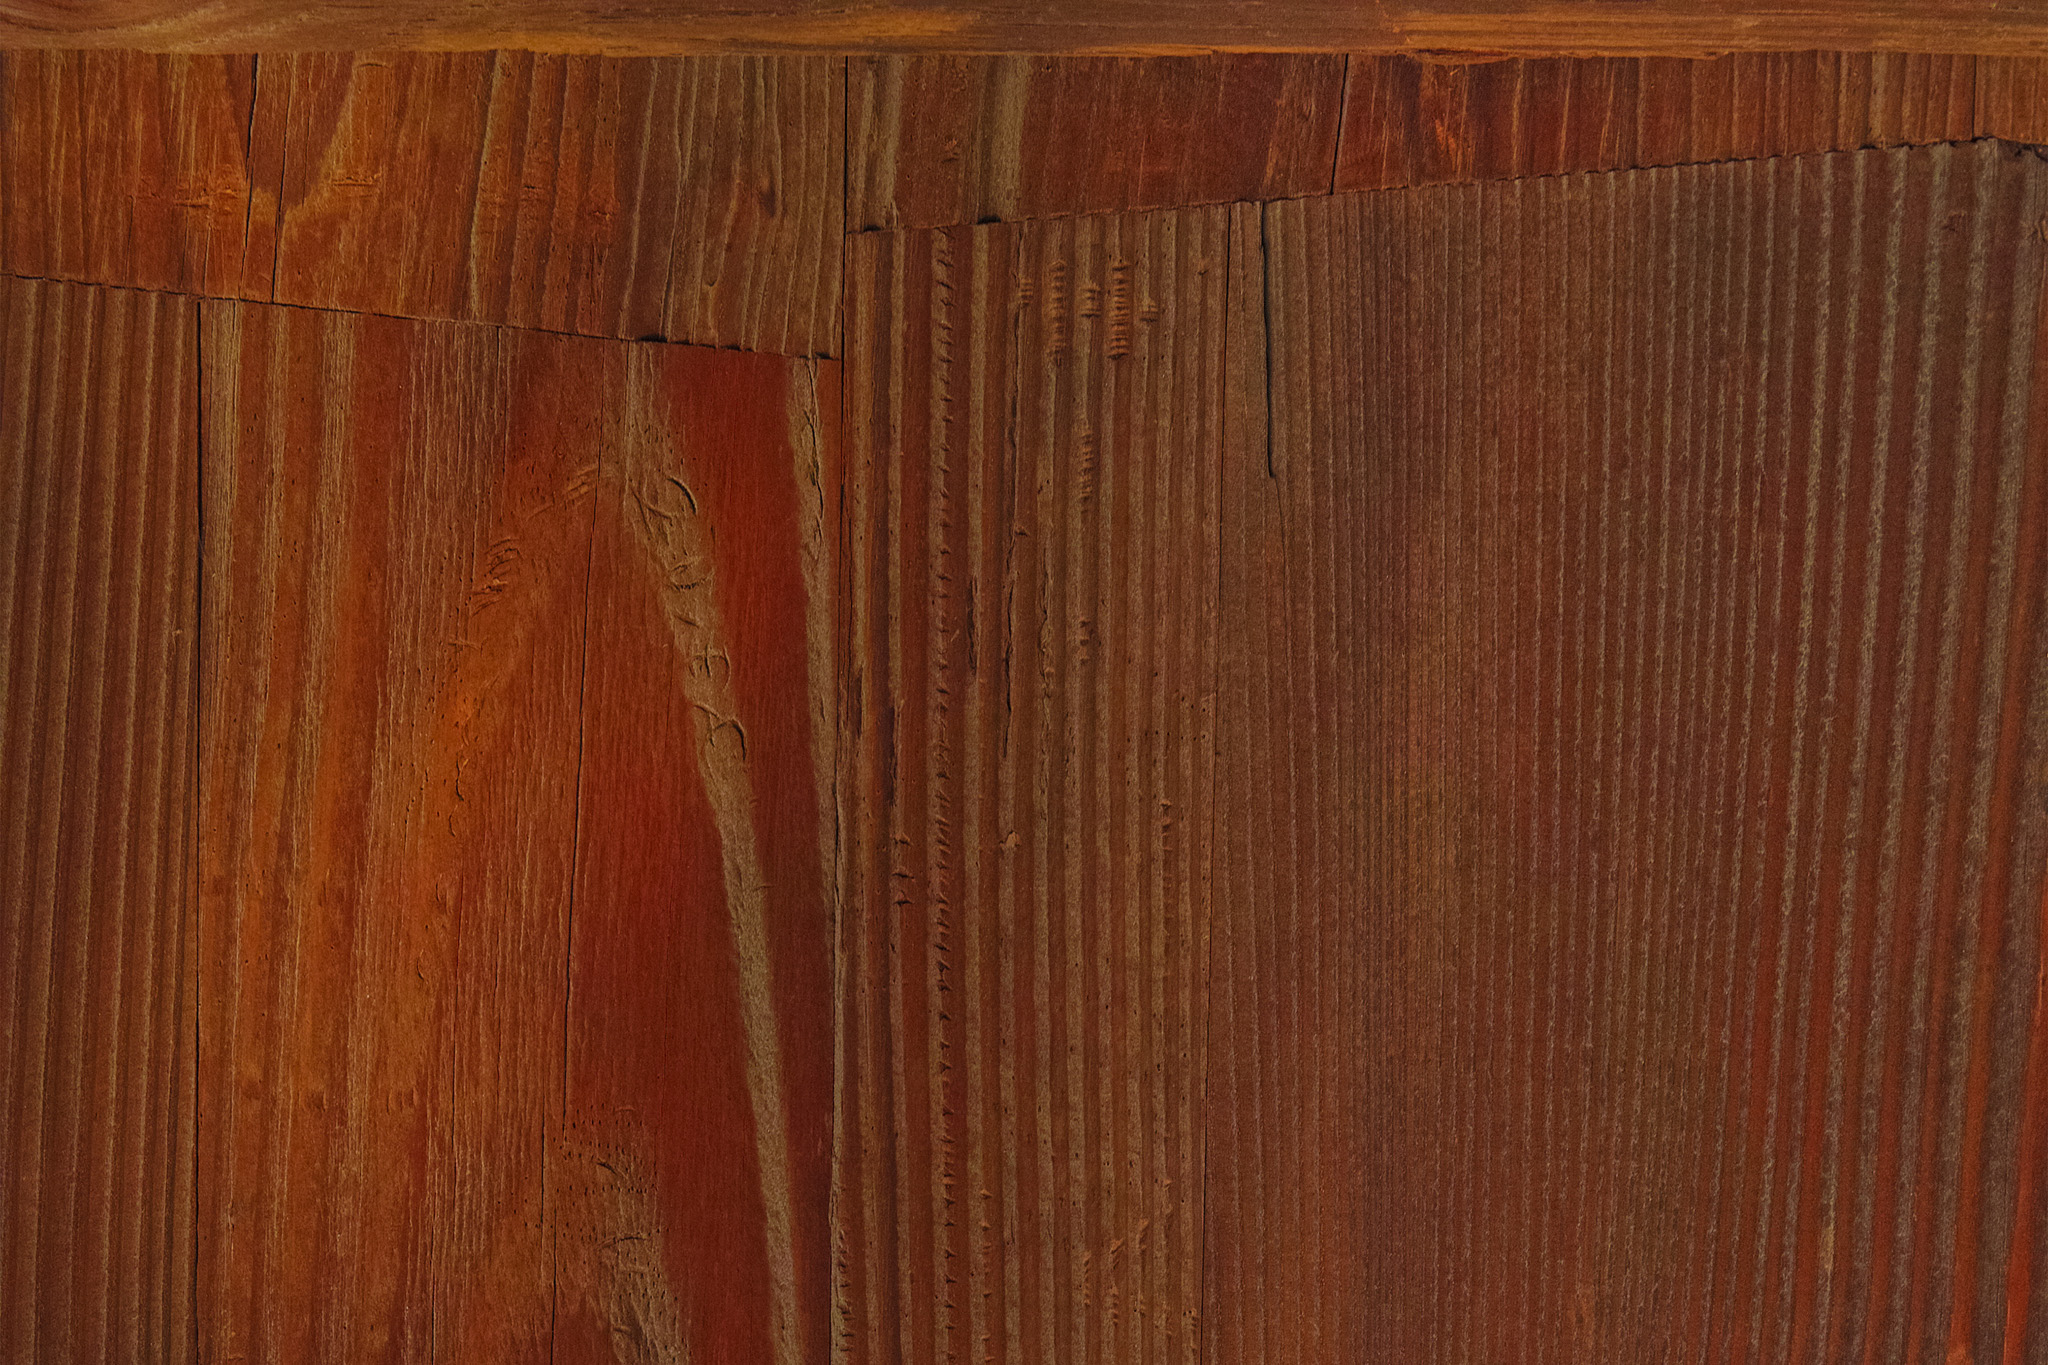 「継ぎ接ぎしたタモ木材の板」